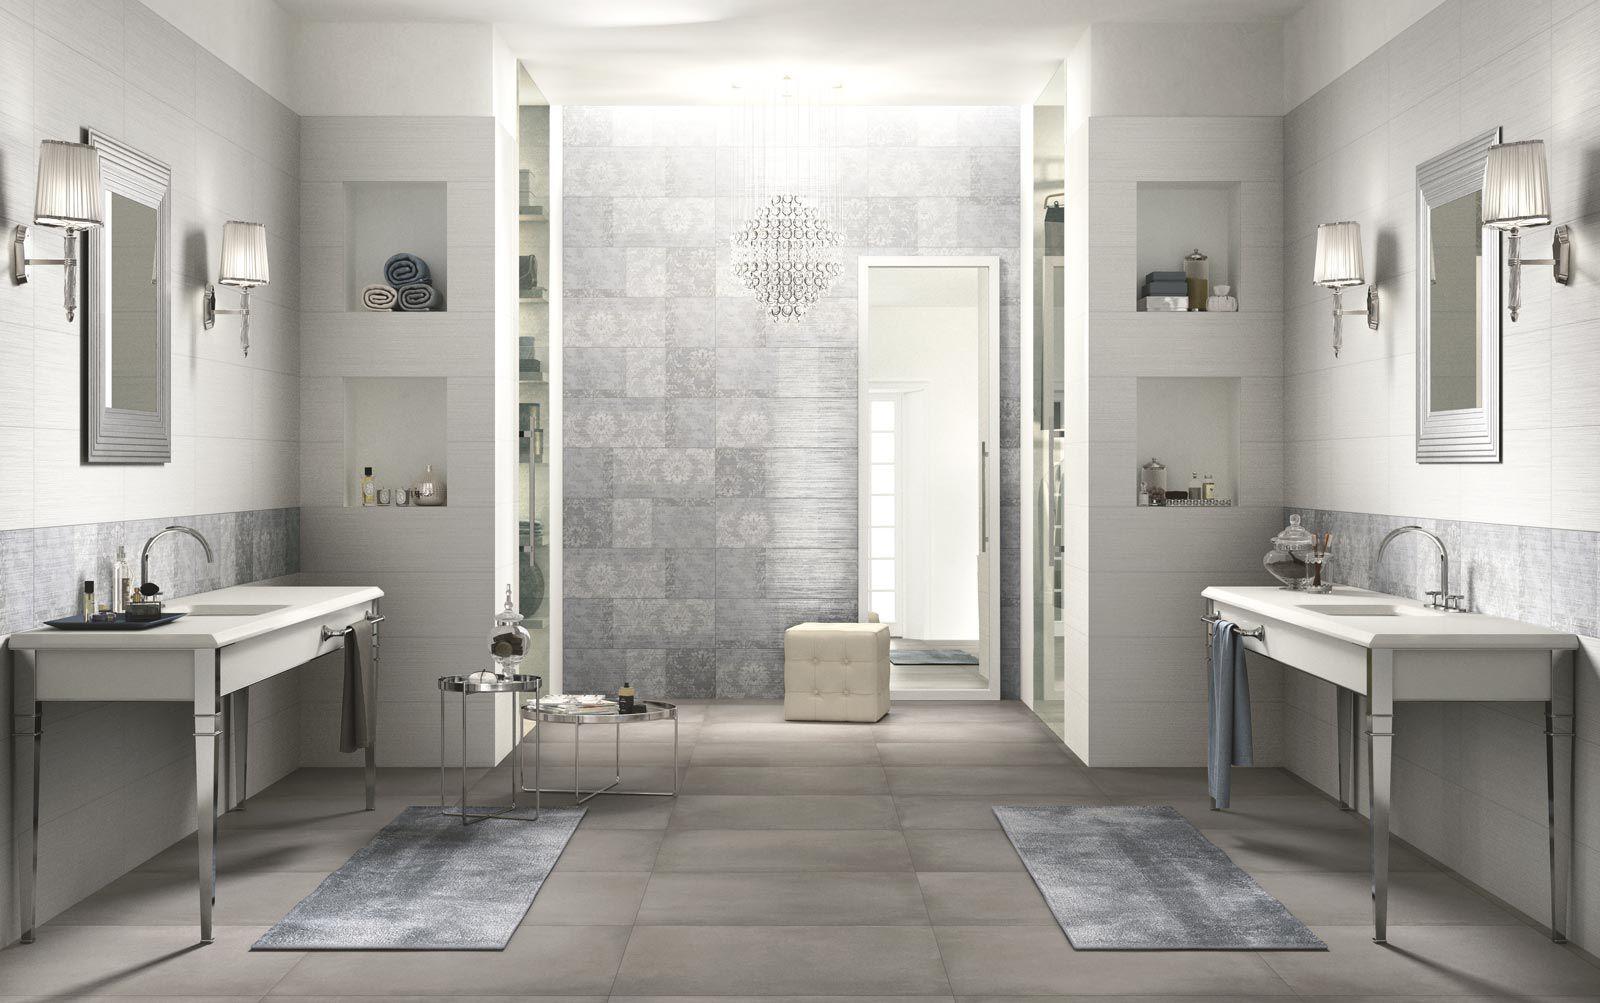 piastrella da bagno da parete in ceramica a righe wallpaper ragno